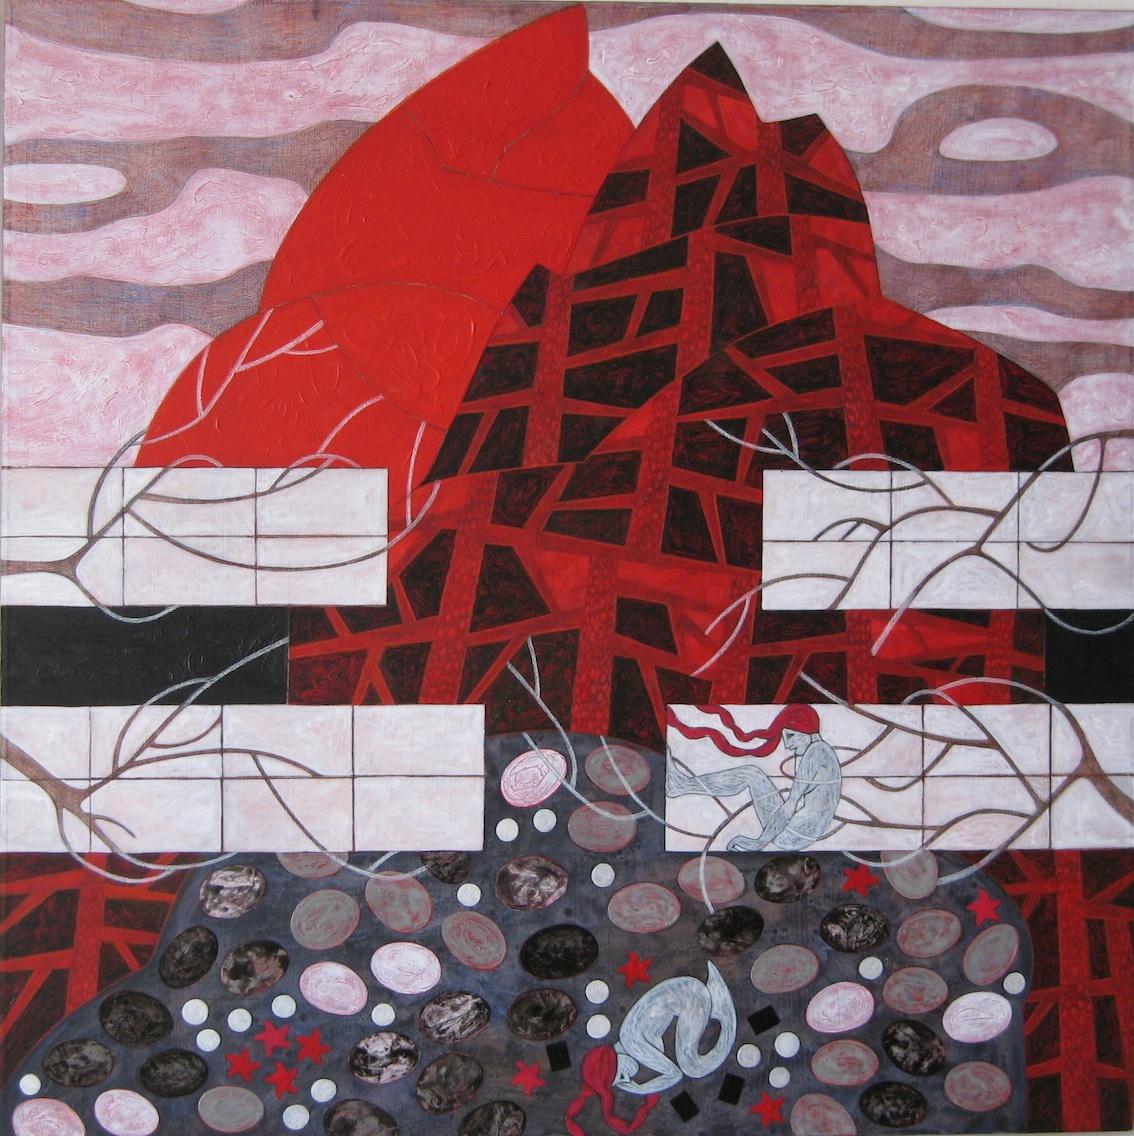 LANDSCAPES AND CREATURES: Marianna Bussola, Giorgio Cecchinato